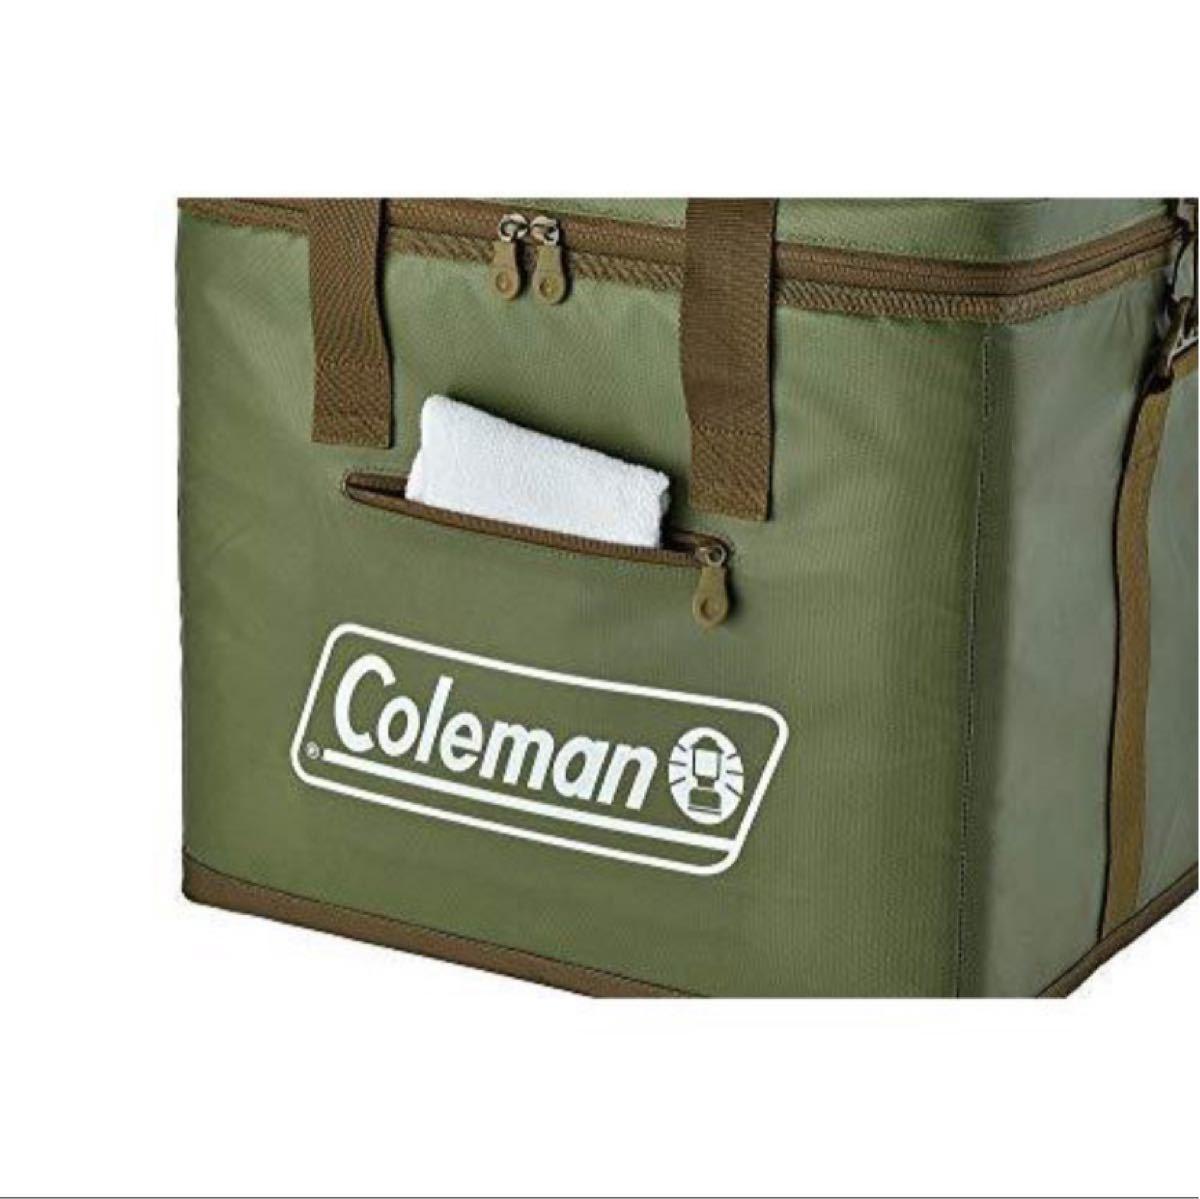 コールマン(Coleman) クーラーボックス アルティメイトアイスクーラーII 35L 保冷力約49時間 オリーブ